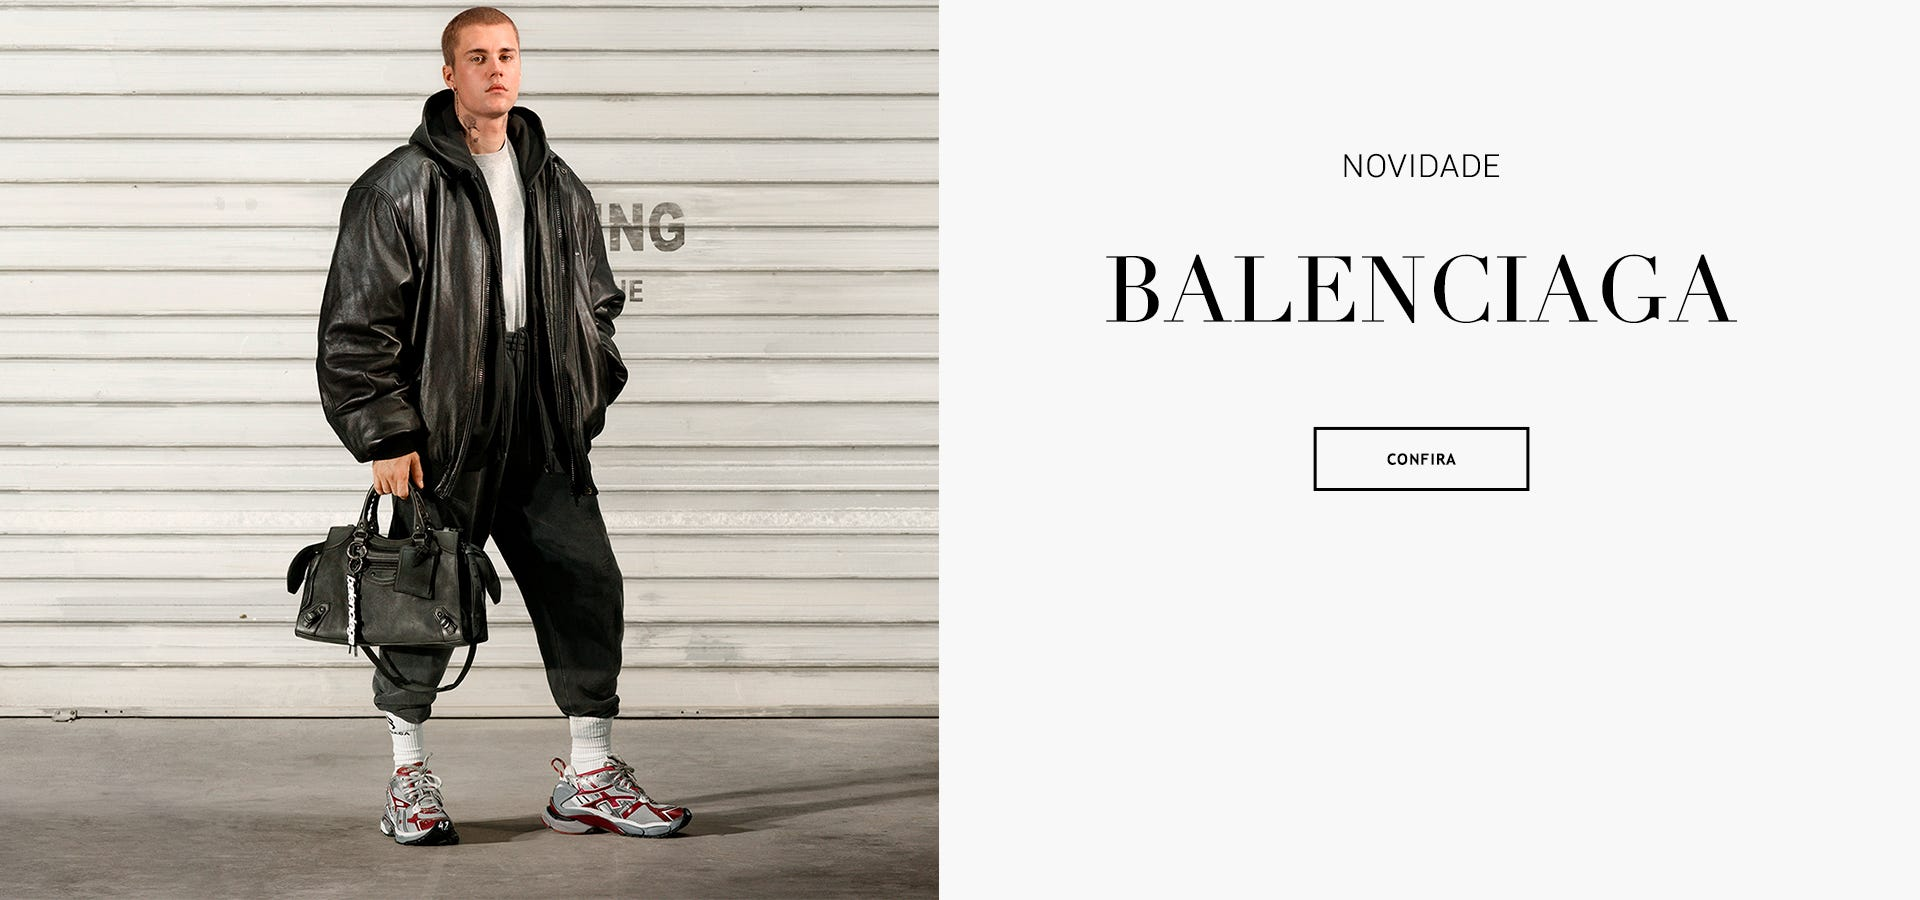 Moda de Luxo Bolsa Tenis Roupas Balenciaga Brasil Online. Confira